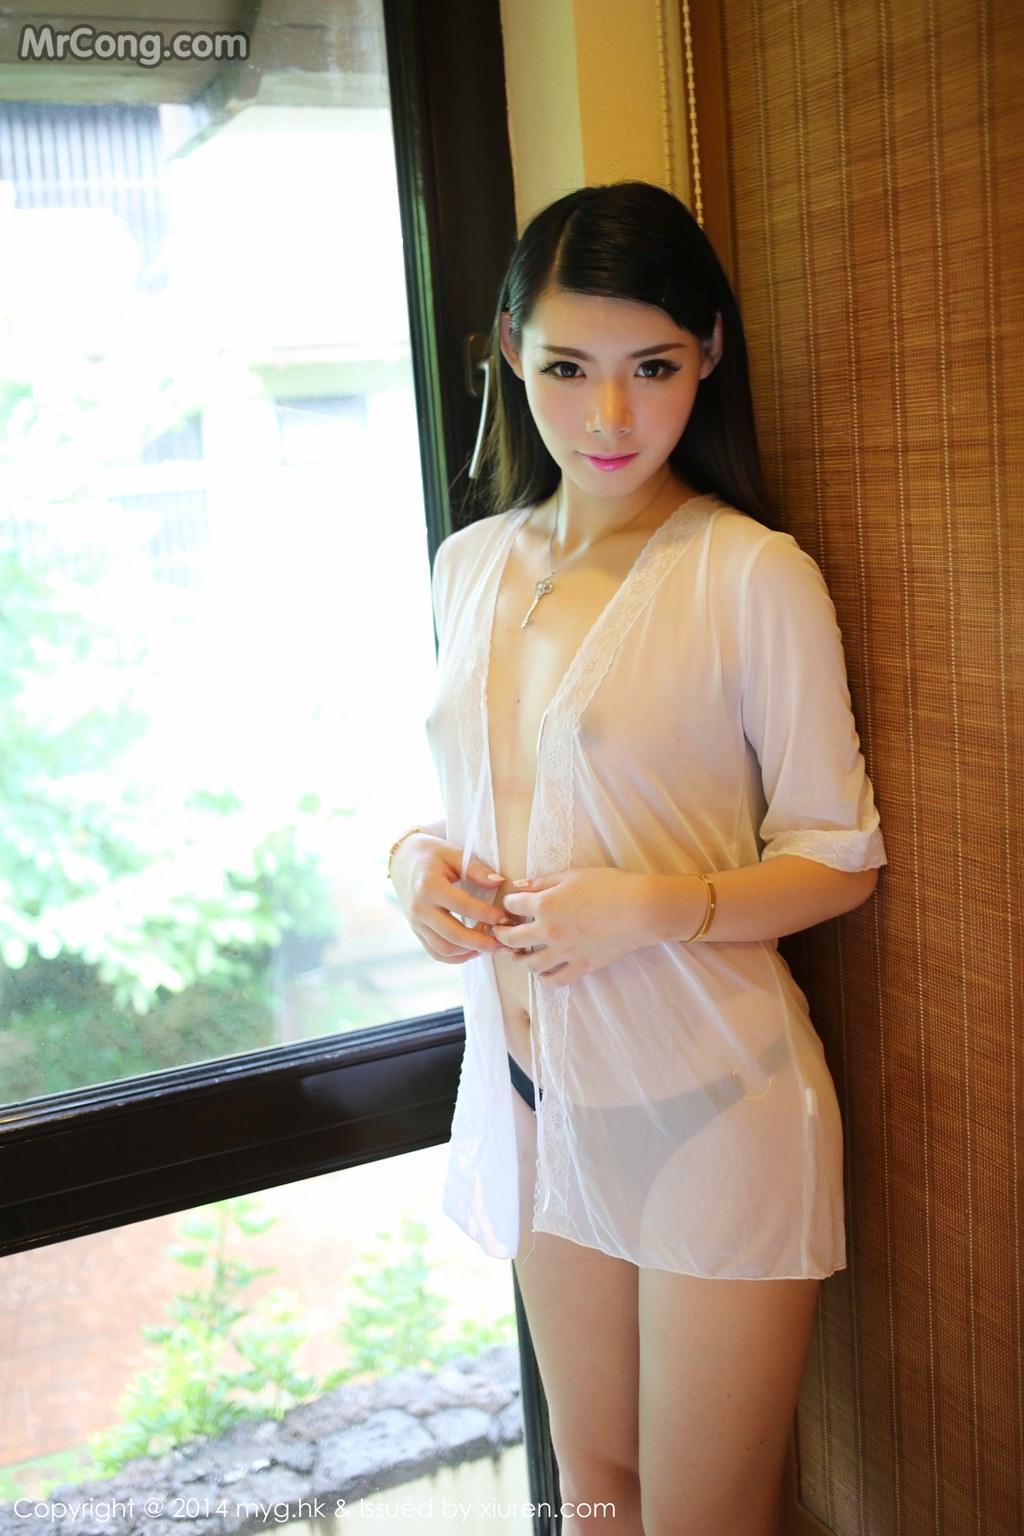 MyGirl Vol.047: Model Mara Jiang (Mara酱) (58P)